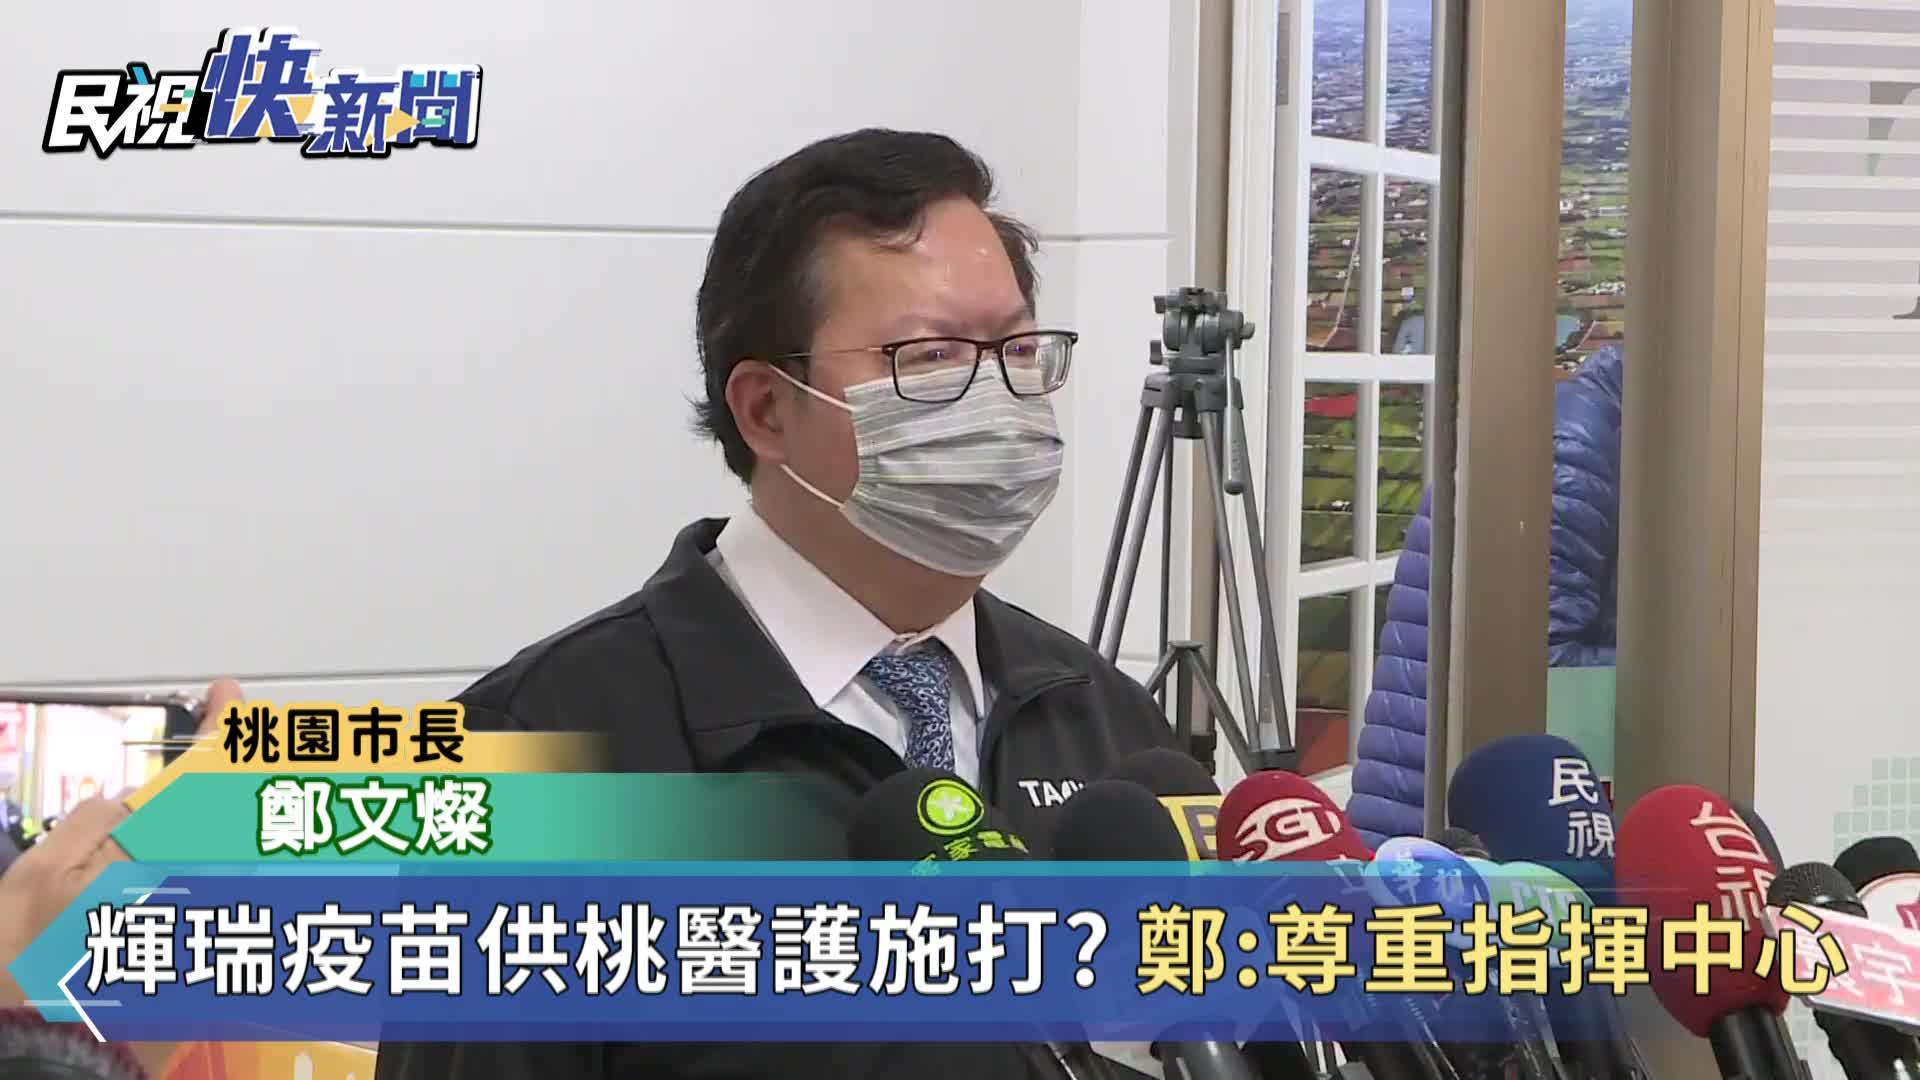 快新聞/輝瑞疫苗將抵台供桃園醫護施打? 鄭文燦:尊重指揮中心判斷